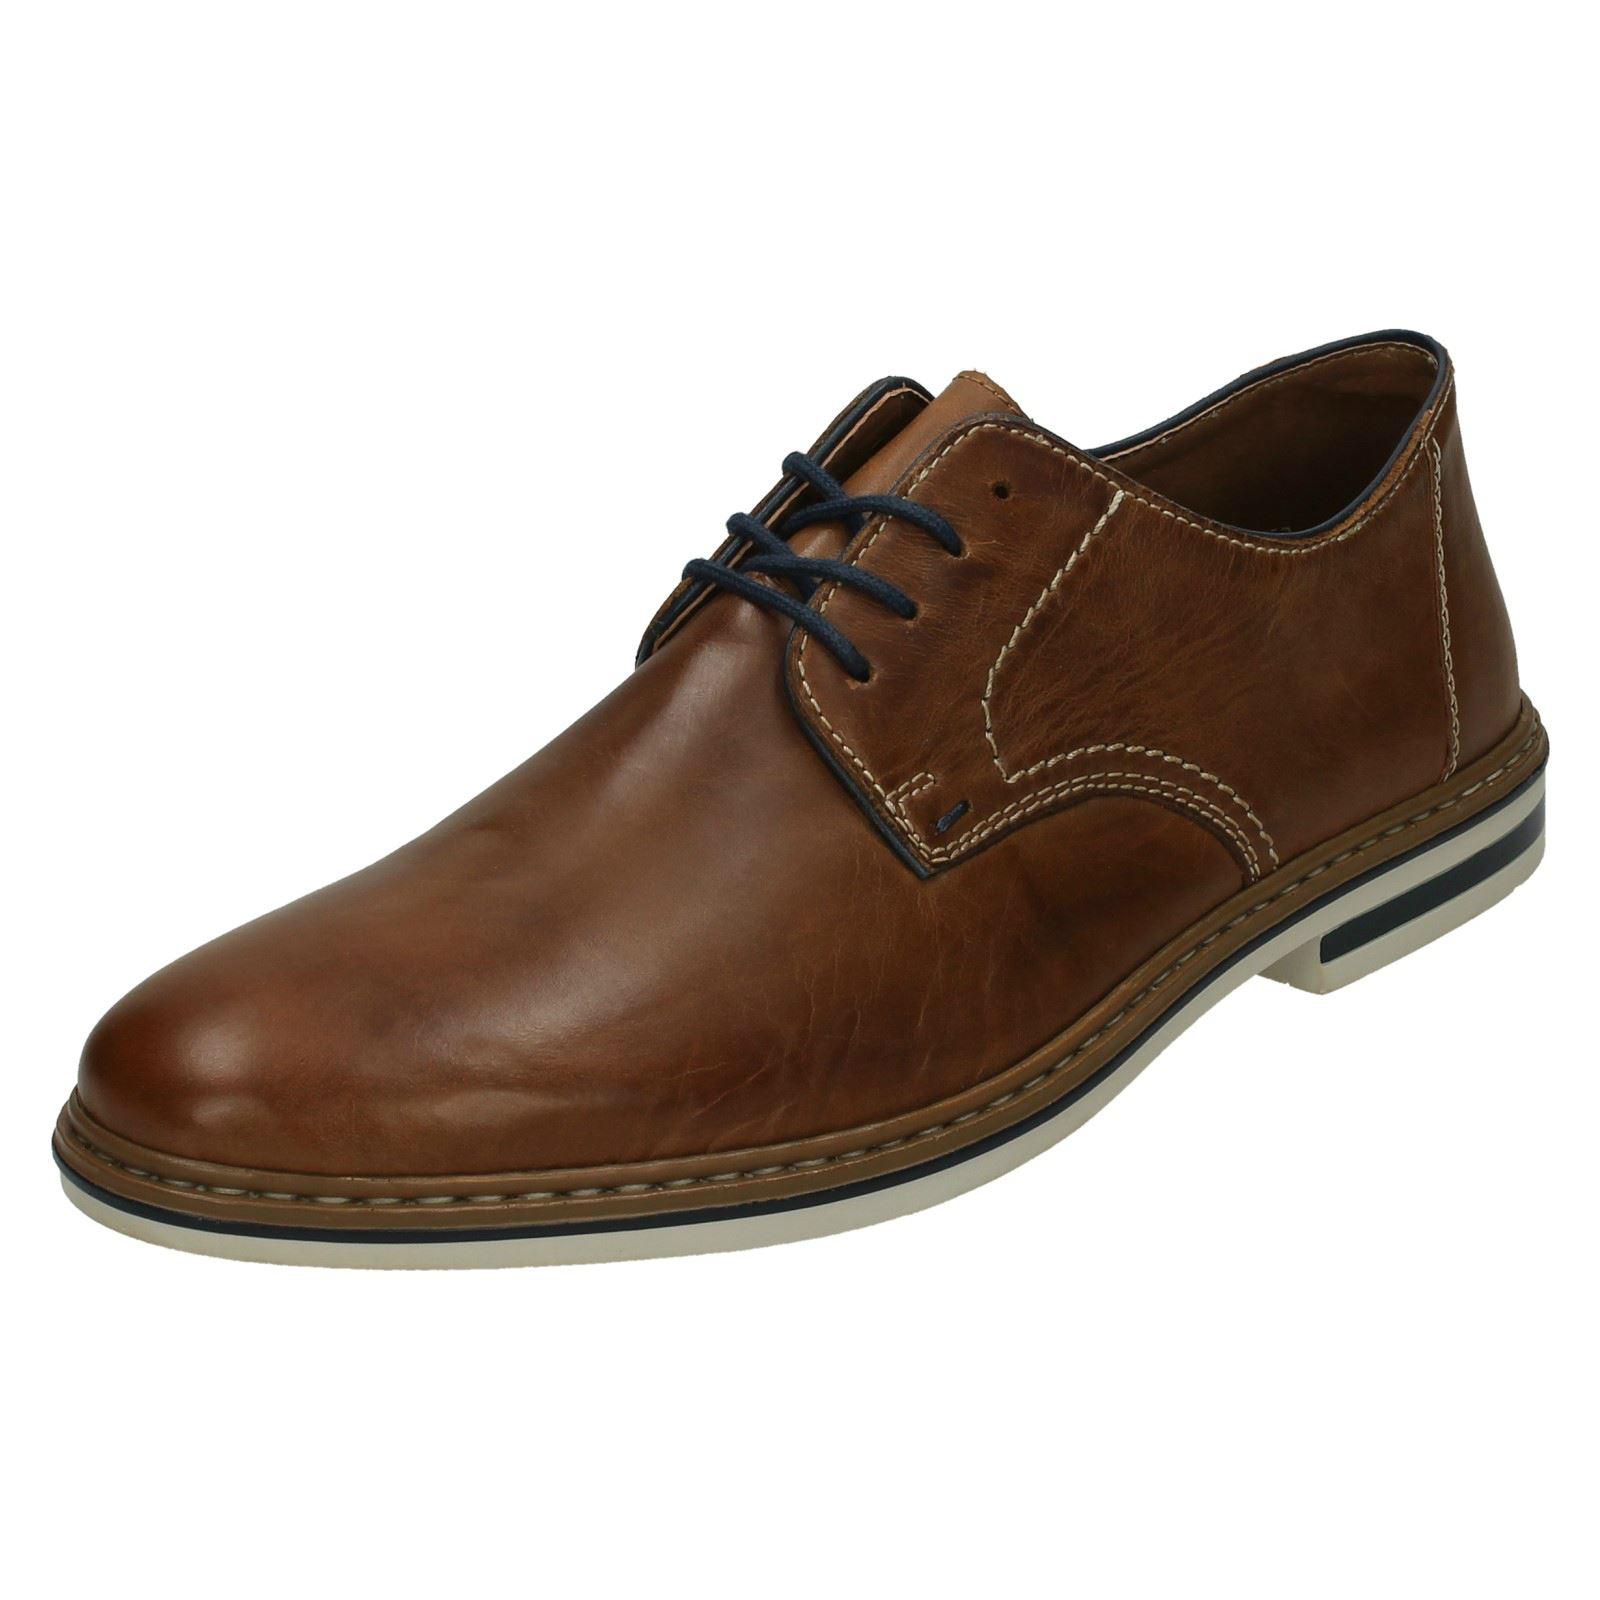 Détails sur Homme Rieker Lacets Formelle Chaussures B1422 afficher le titre d'origine